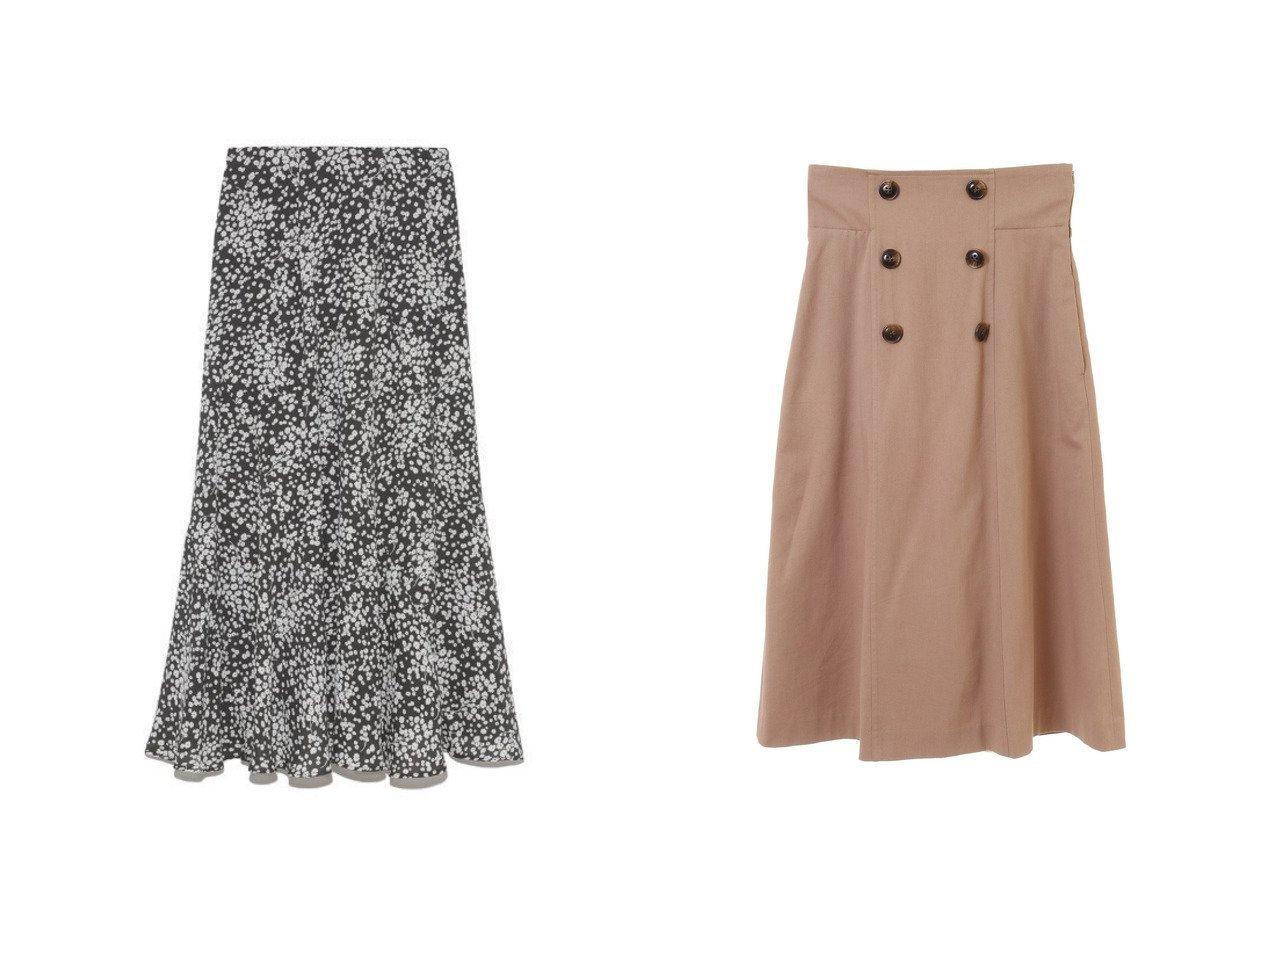 【31 Sons de mode/トランテアン ソン ドゥ モード】のバックプリーツトレンチスカート&【Mila Owen/ミラオーウェン】のバイアス切替えプリントナロースカート スカートのおすすめ!人気、レディースファッションの通販 おすすめで人気のファッション通販商品 インテリア・家具・キッズファッション・メンズファッション・レディースファッション・服の通販 founy(ファニー) https://founy.com/ ファッション Fashion レディース WOMEN スカート Skirt スマート バイアス フィット プリント 楽ちん デニム トレンチ フリル フロント 冬 Winter  ID:crp329100000001473